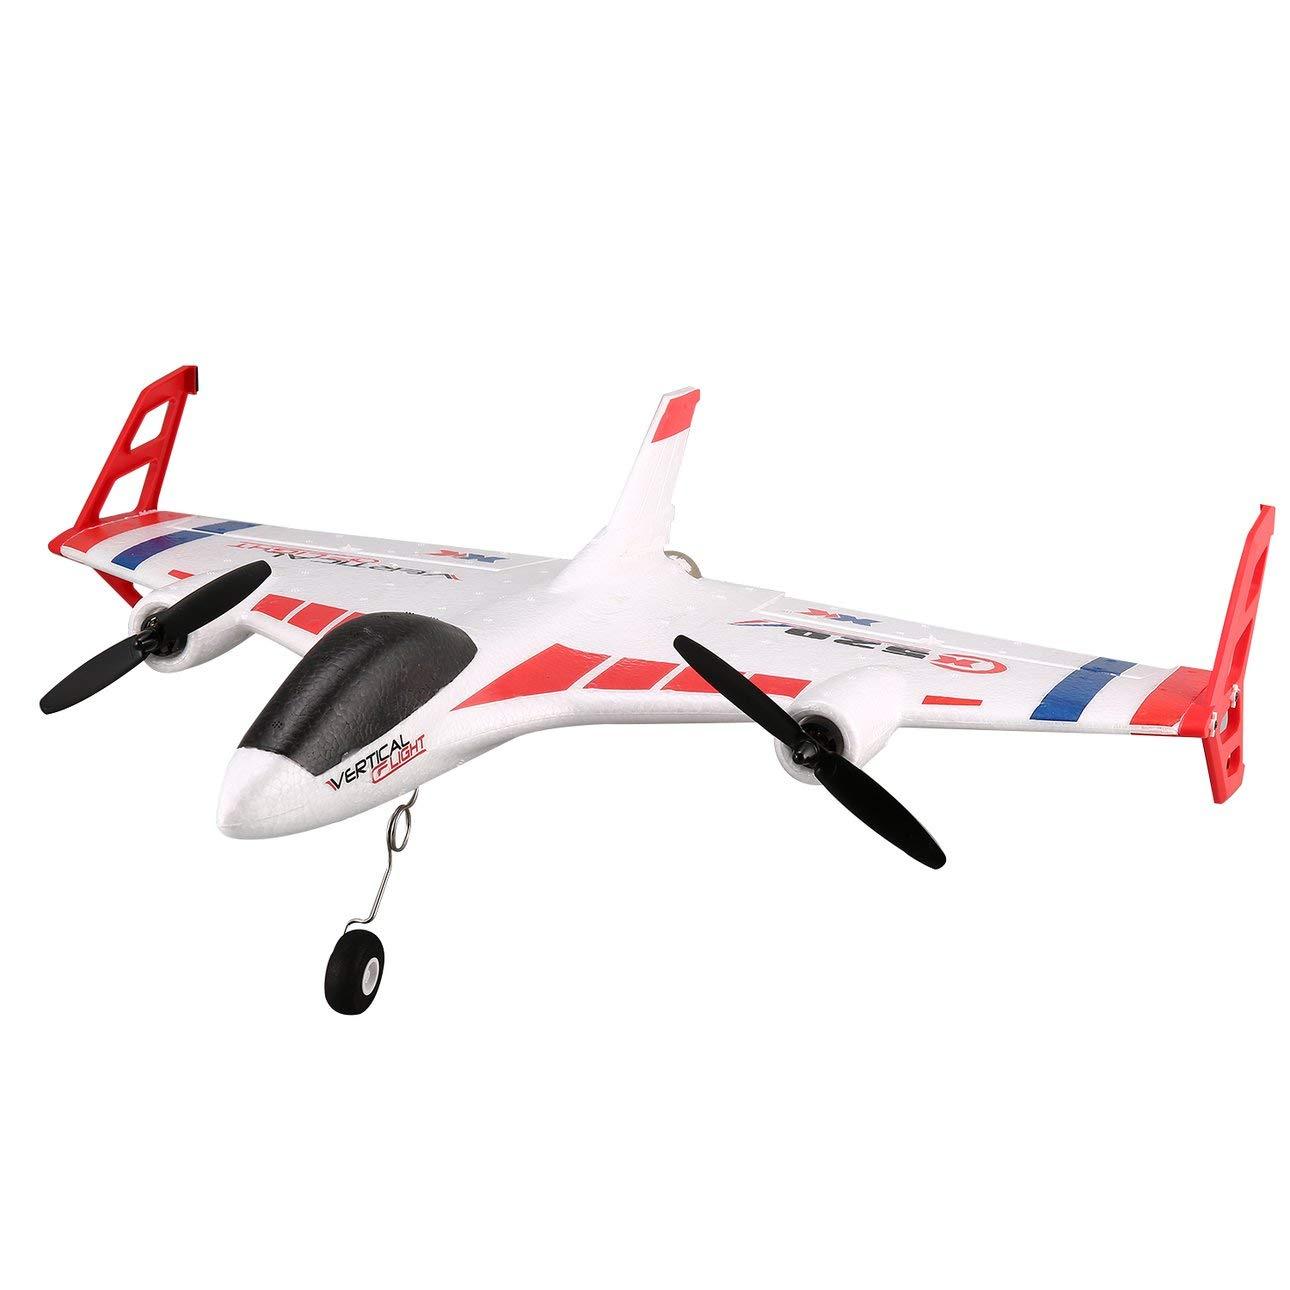 Ballylelly RC Drone XK X520 6CH 3D   6G Aereo VTOL Decollo verdeicale Land Delta Wing RC Drone a Coda Fissa Giocattolo Aereo con Interruttore di modalità LED Light of